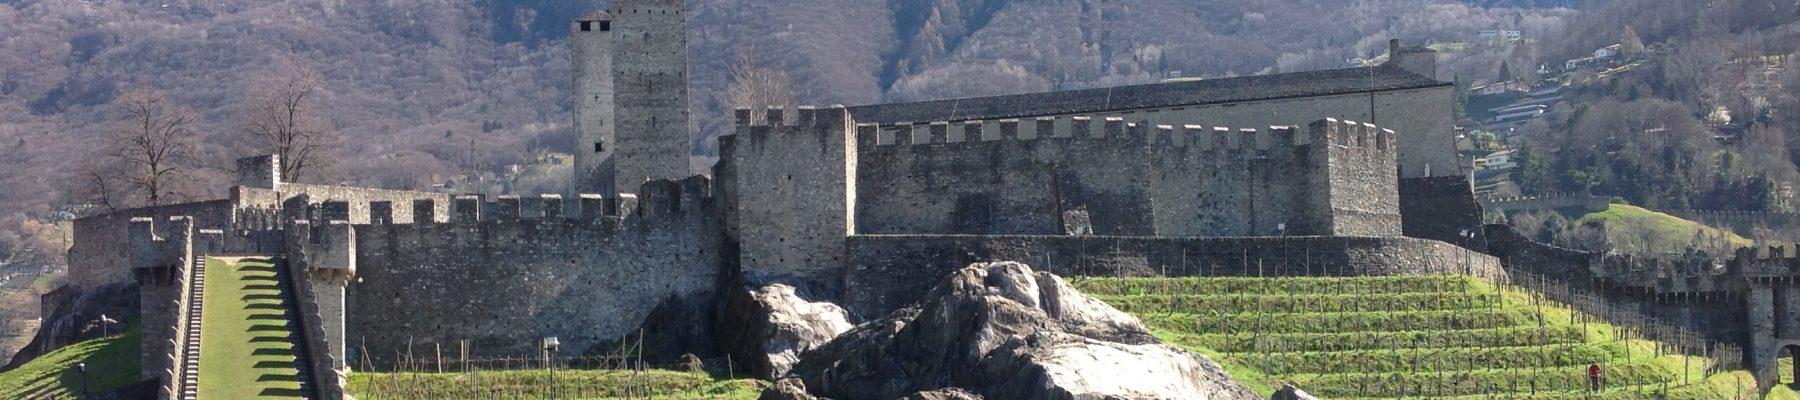 Guide Ticino - visita turistica - guida personalizzata - Ticino Lugano Bellinzona Mendrisio chi siamo visita guidata